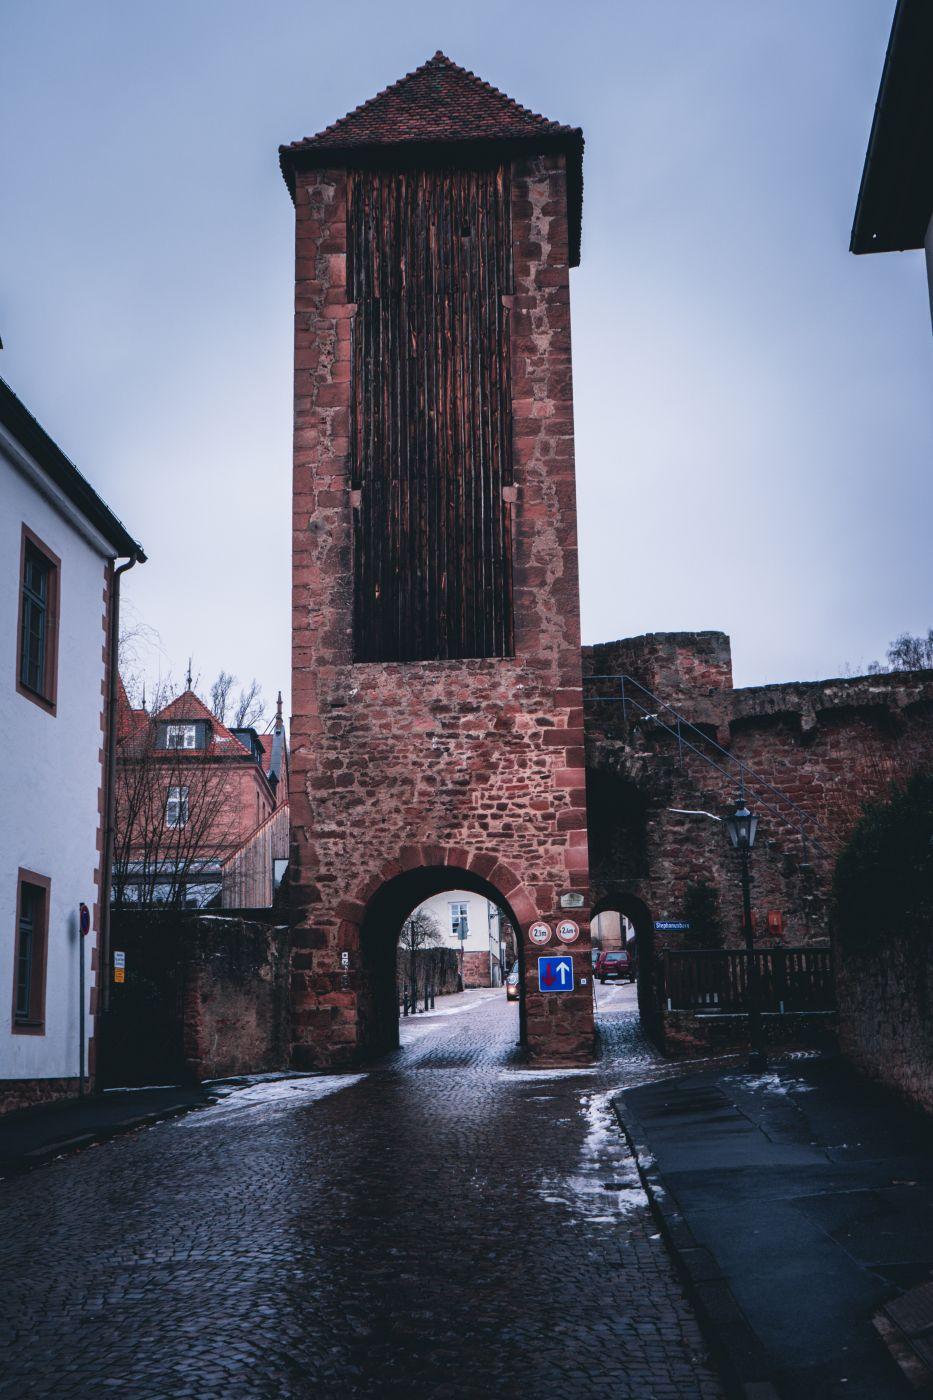 Inneres Holztor Gelnhausen, Germany